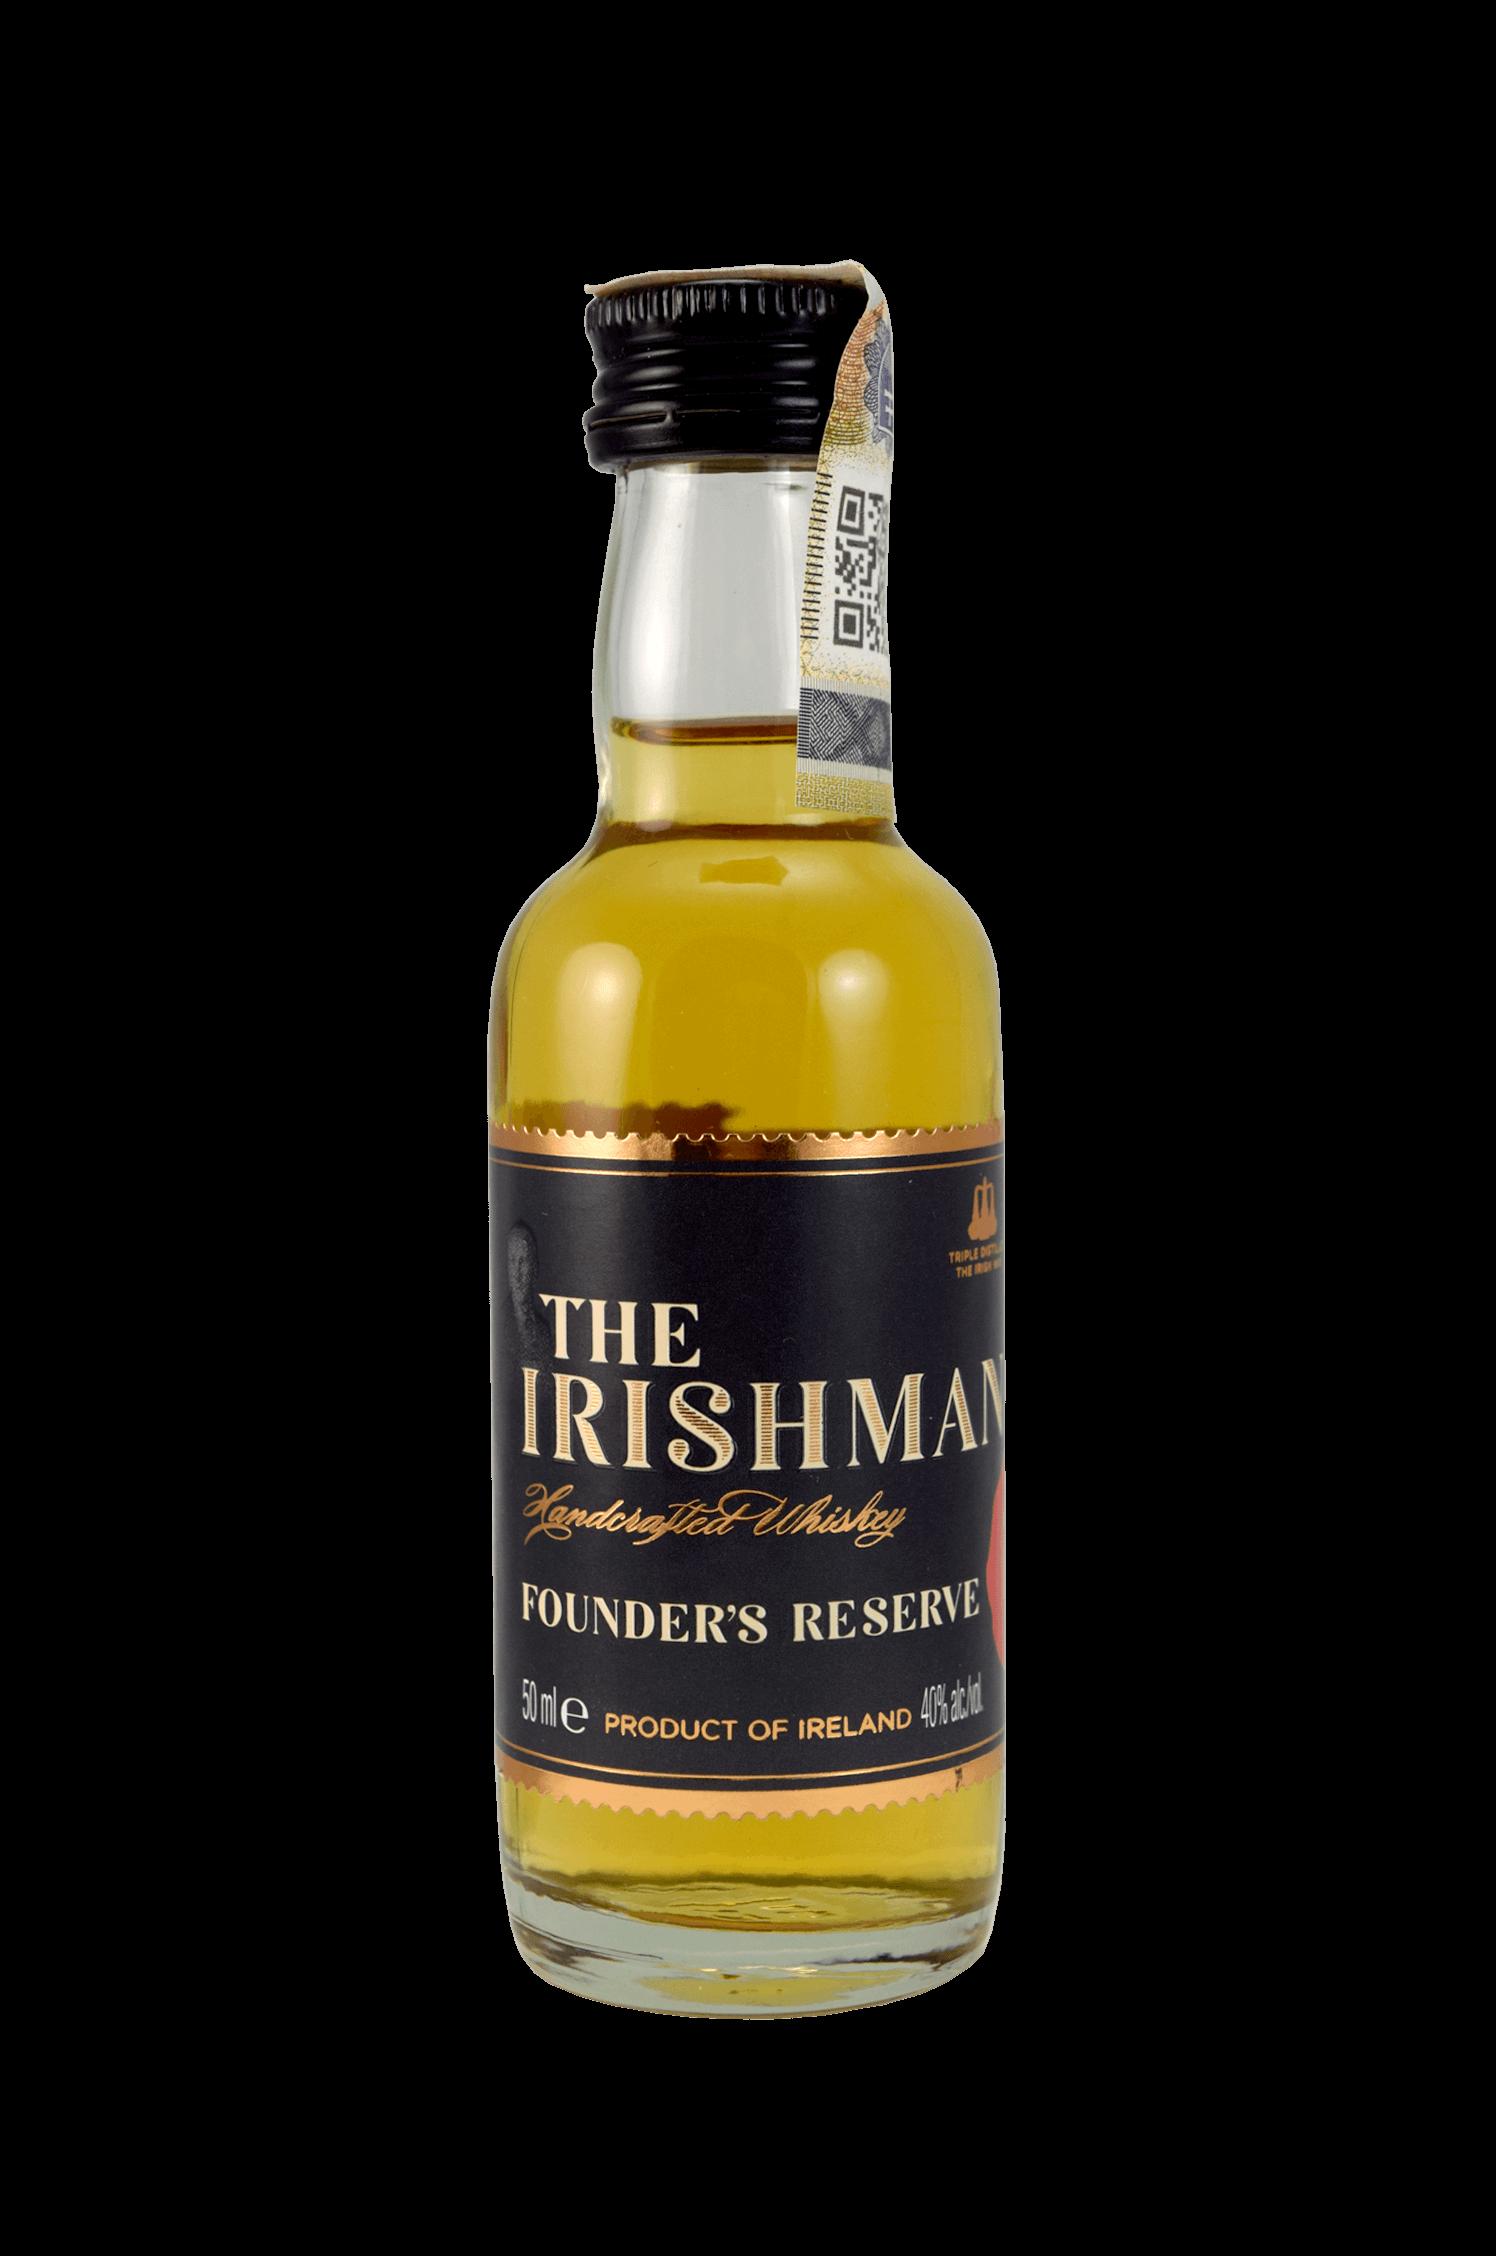 The Irishman Handerafted Whisky